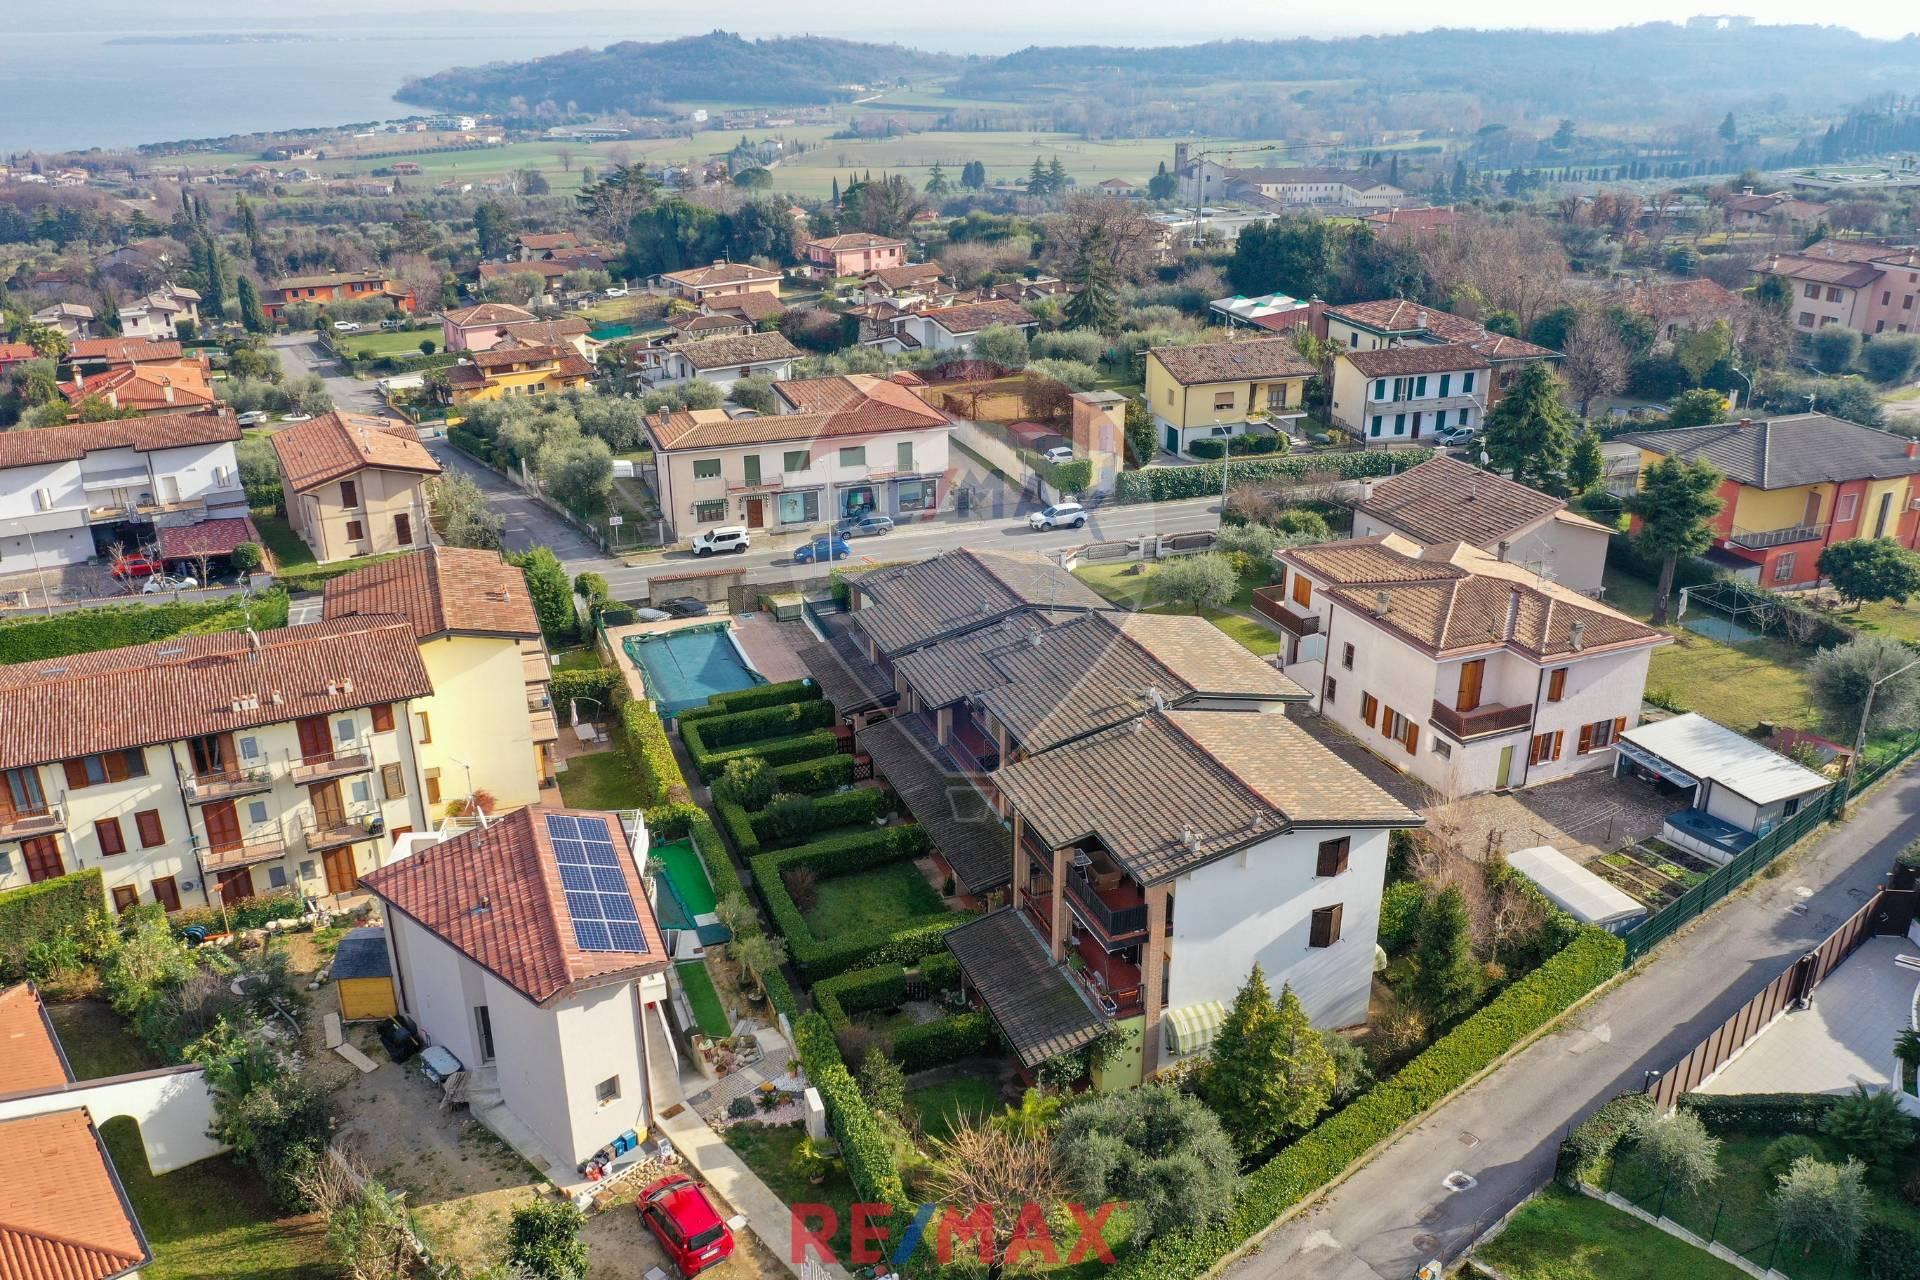 Appartamento in vendita a Lonato, 3 locali, zona Zona: Barcuzzi, prezzo € 189.000 | CambioCasa.it